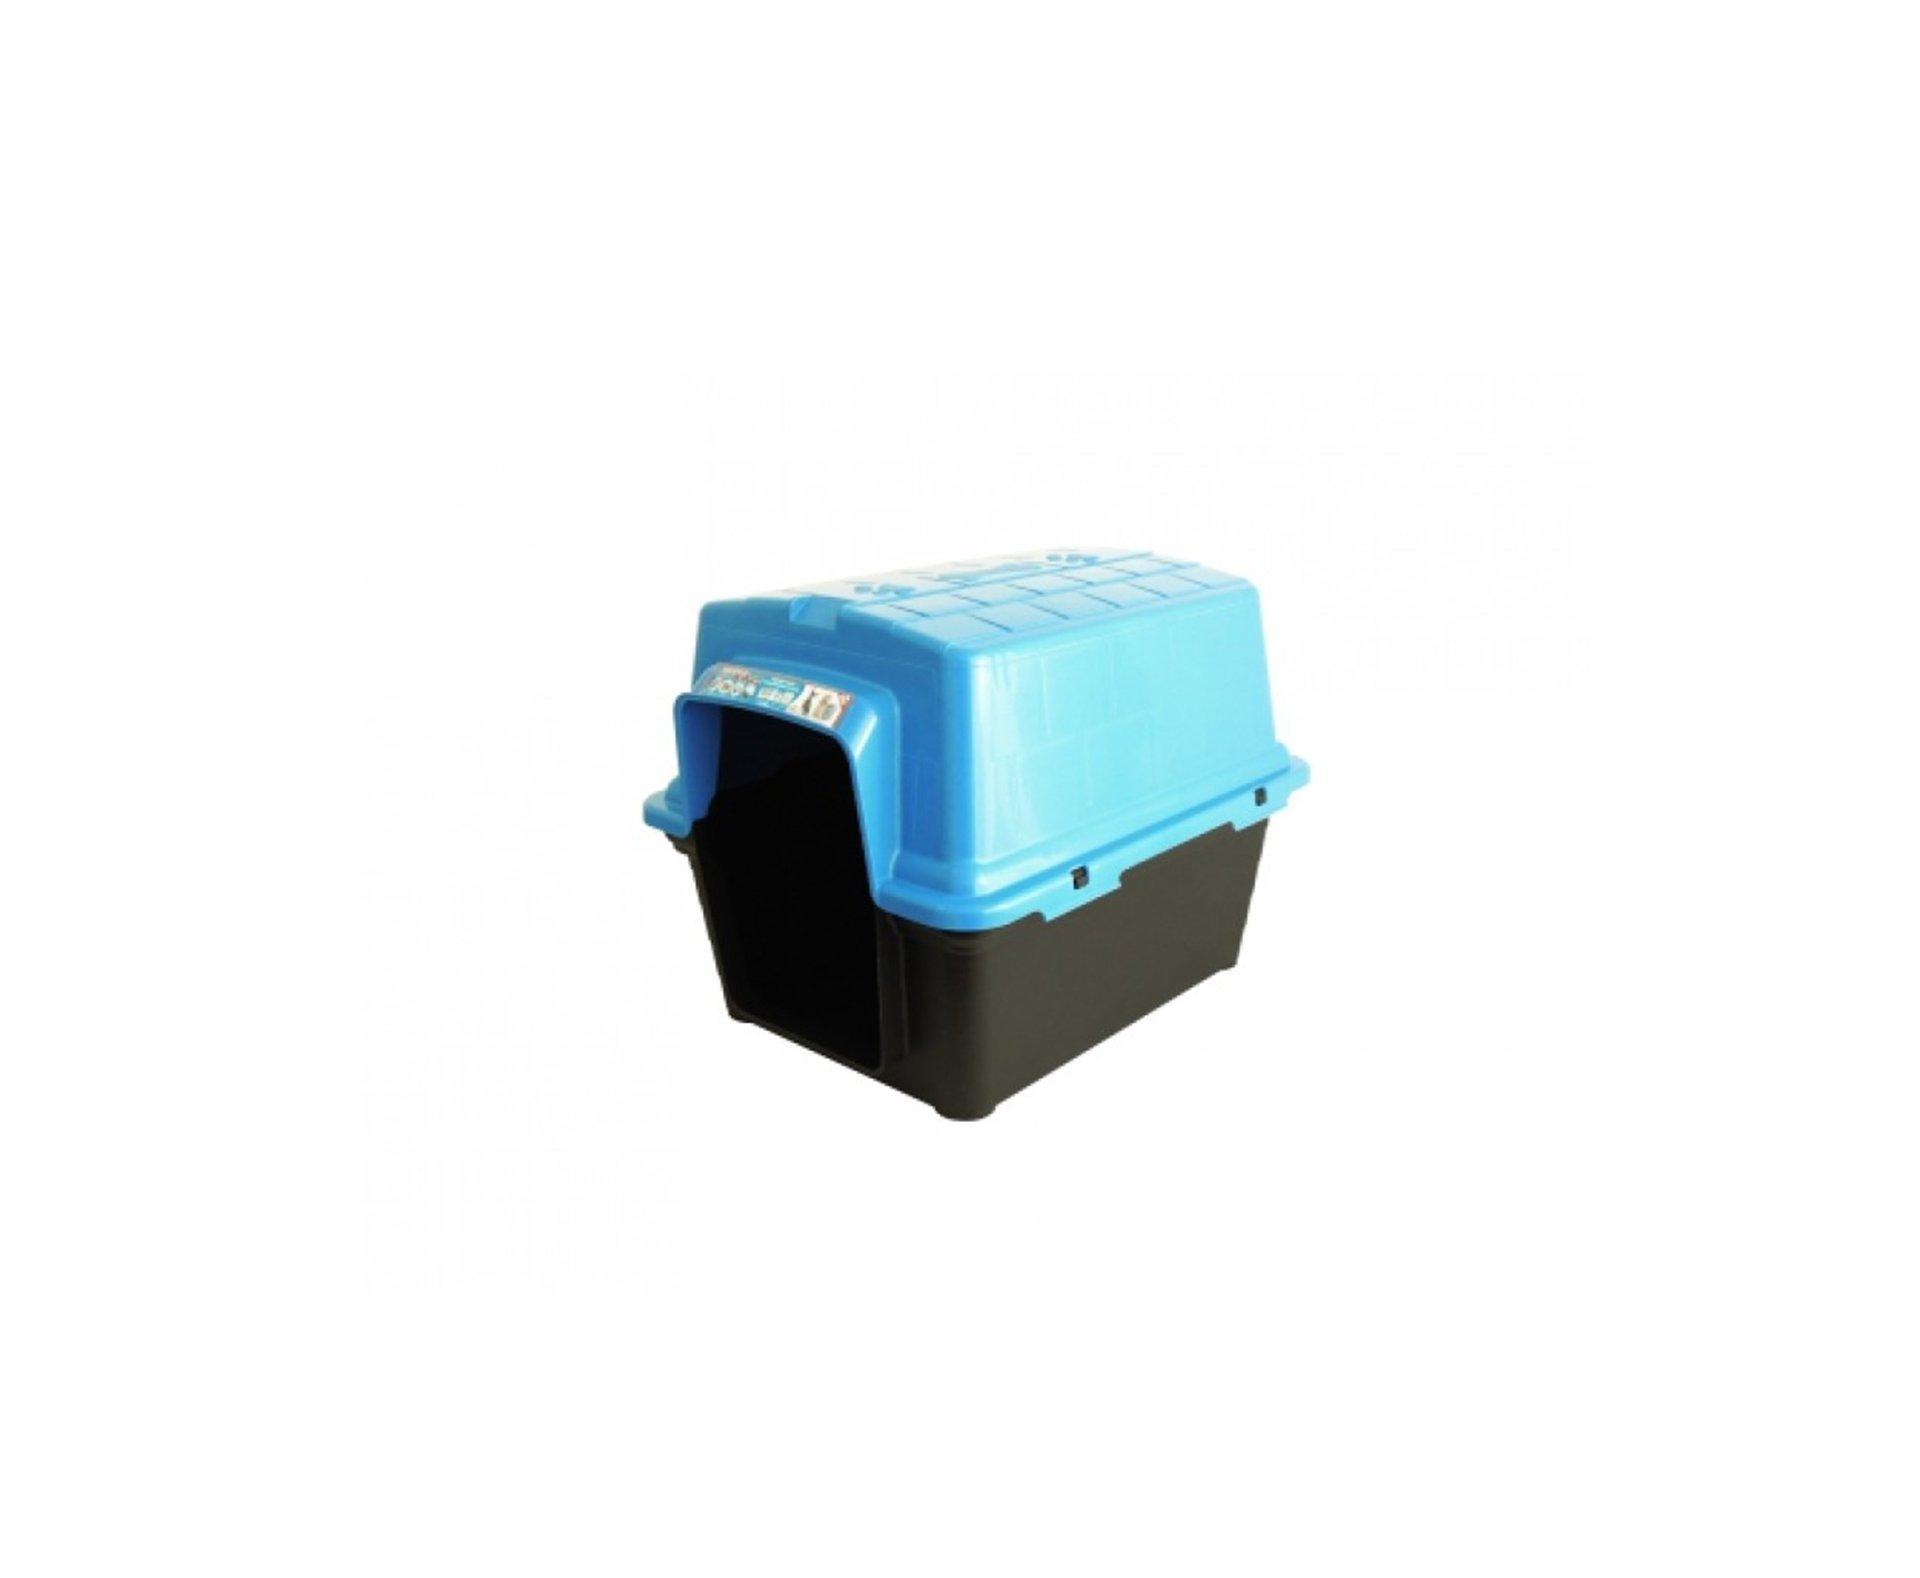 Casinha Para Cachorro -  Plastica 2 Em 1  N1,0 - Azul - Furacãopet